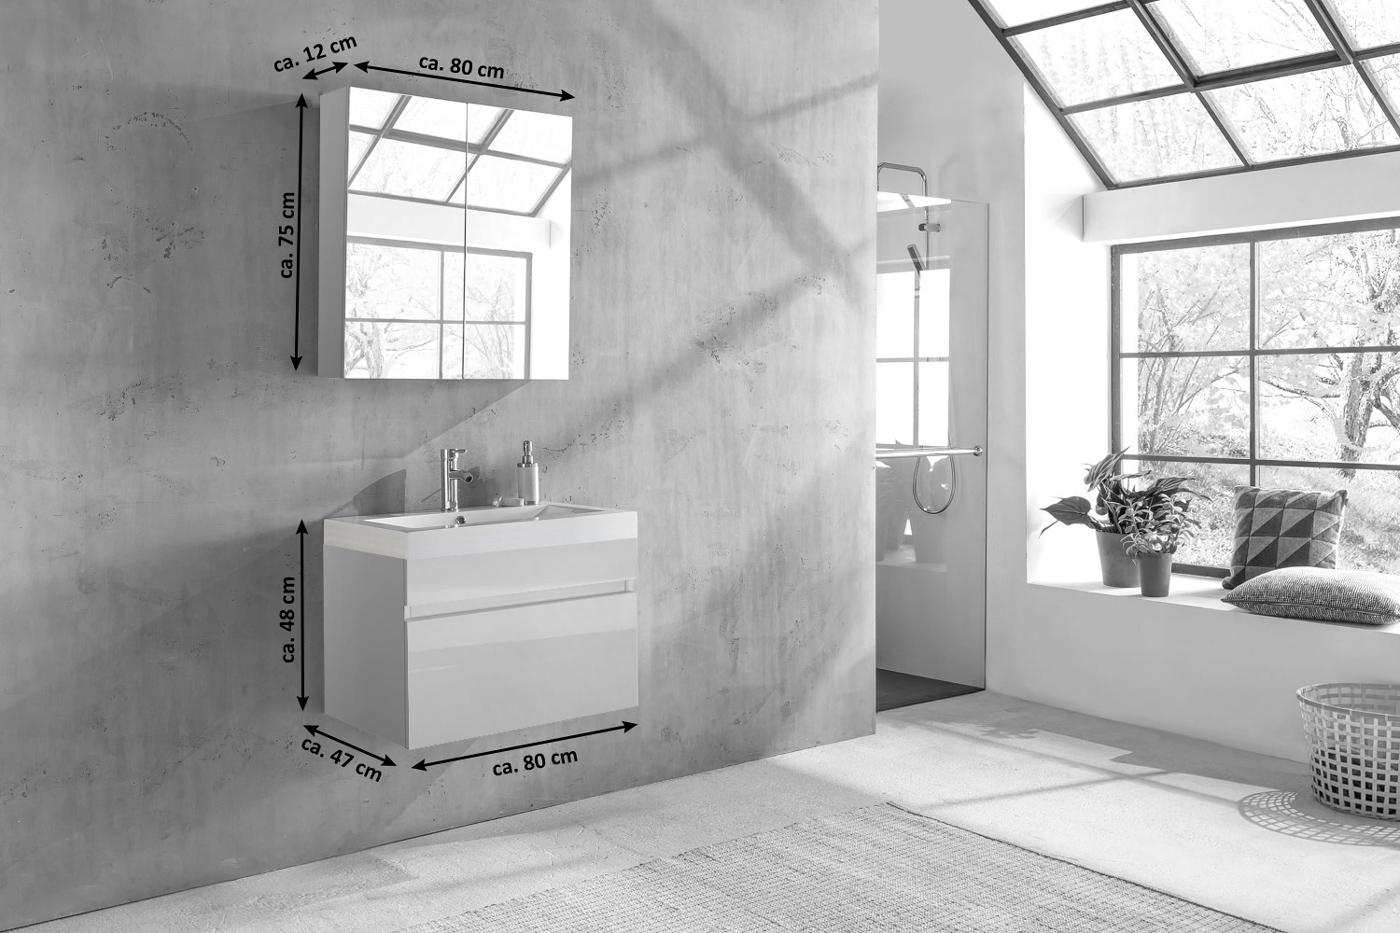 Badezimmermöbel weiß hochglanz  SAM® Badezimmermöbel PARMA 2tlg weiß Hochglanz 80 cm Demnächst !